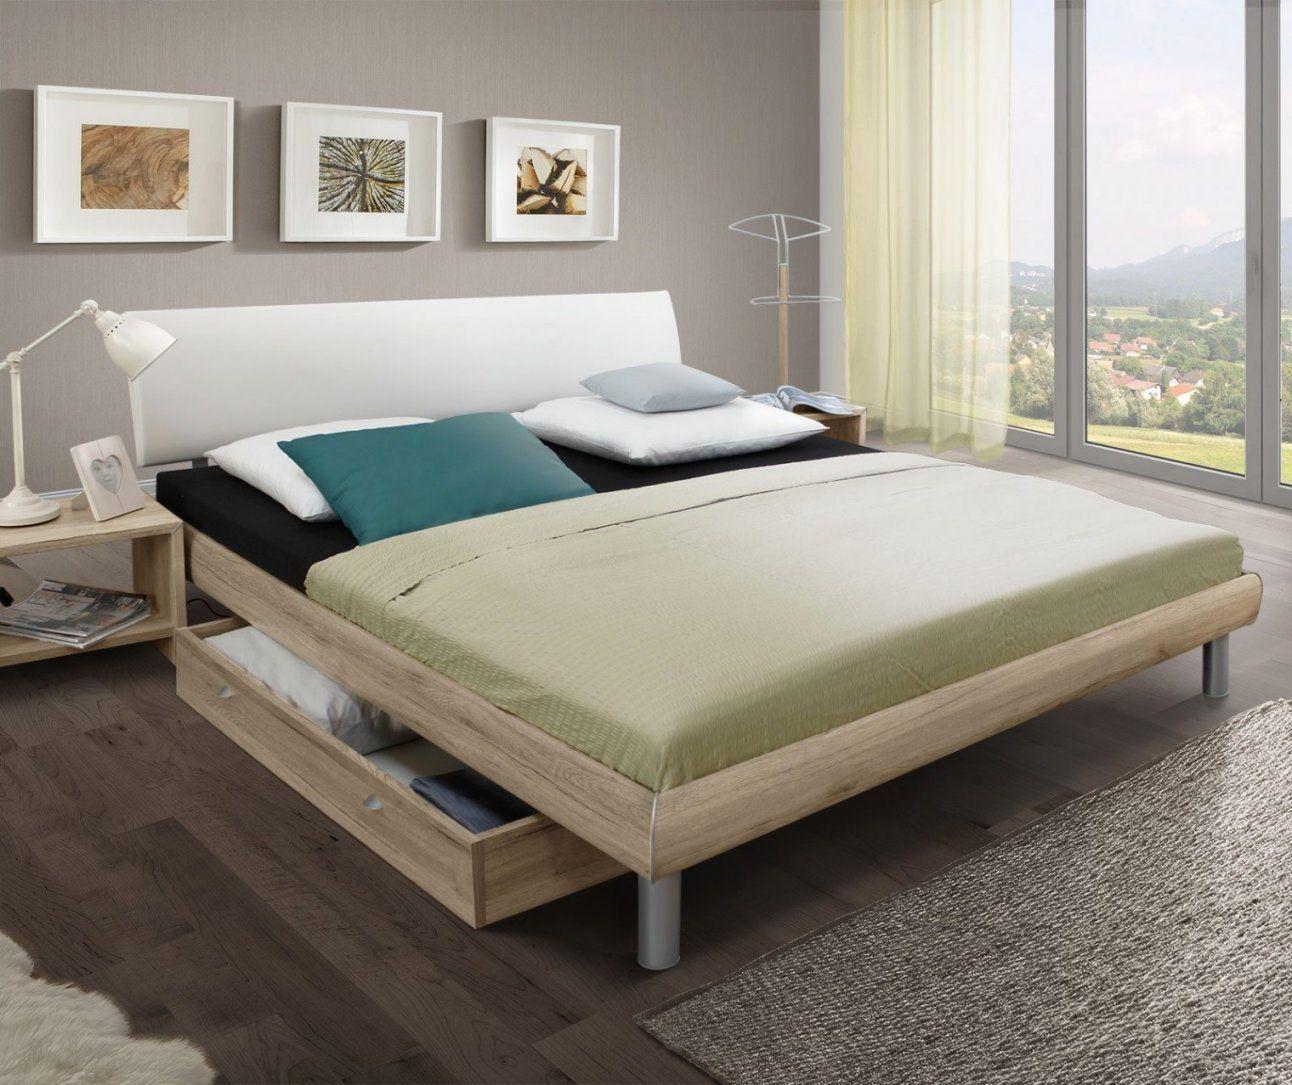 33 Groß Bett Weiß 140X200 Günstig Für Ihre Dekorationsideen  Betten von Bett Komplett Günstig Kaufen Bild